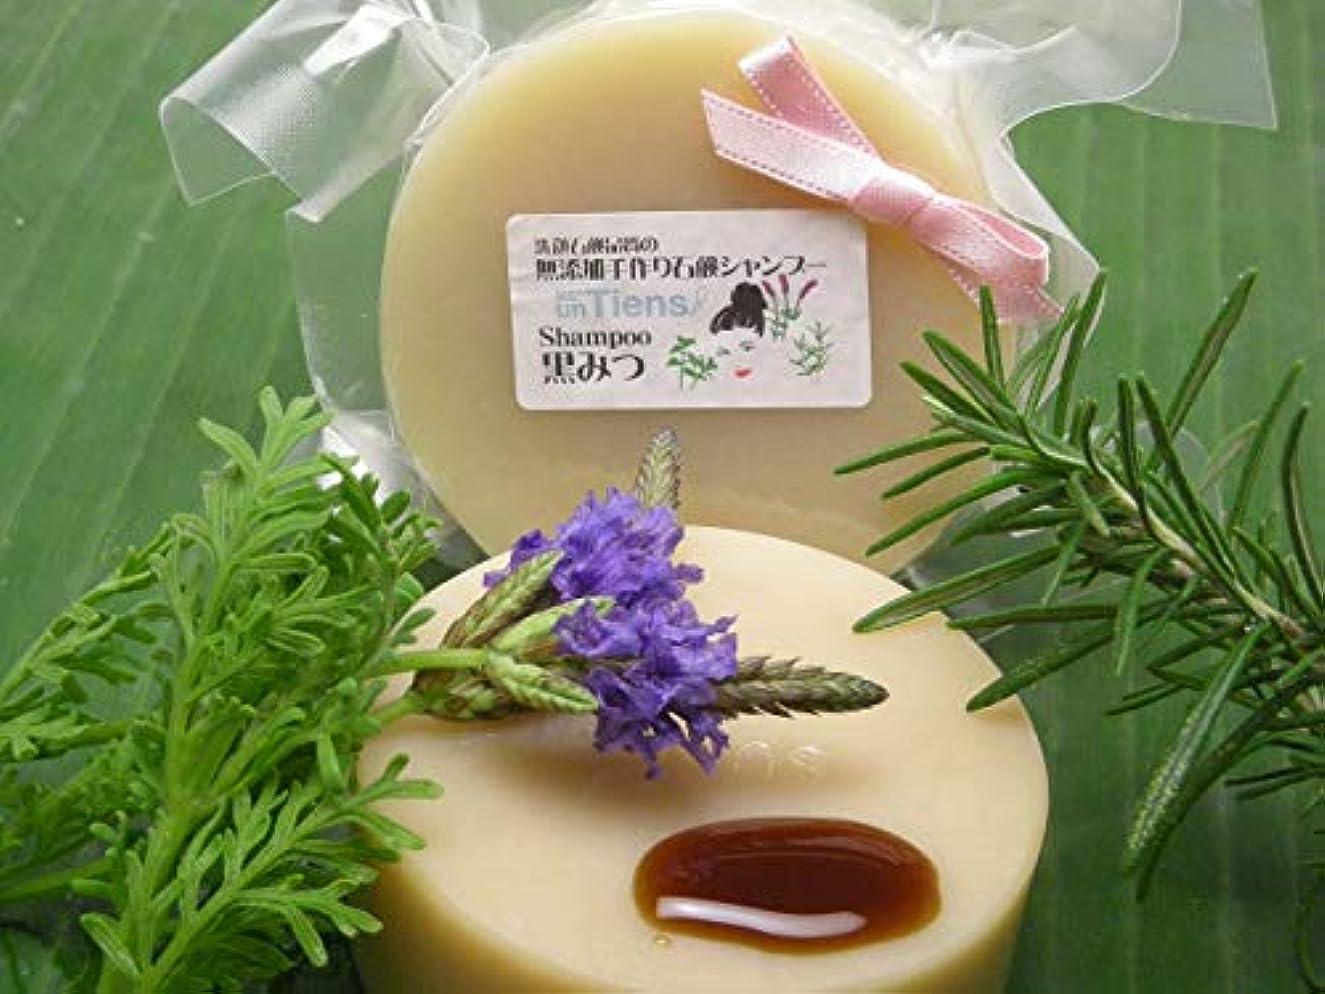 ヒット溝出身地洗顔石鹸品質の無添加手作り固形石鹸シャンプー 「黒みつ」たっぷり使える丸型 お得な3個セット300g